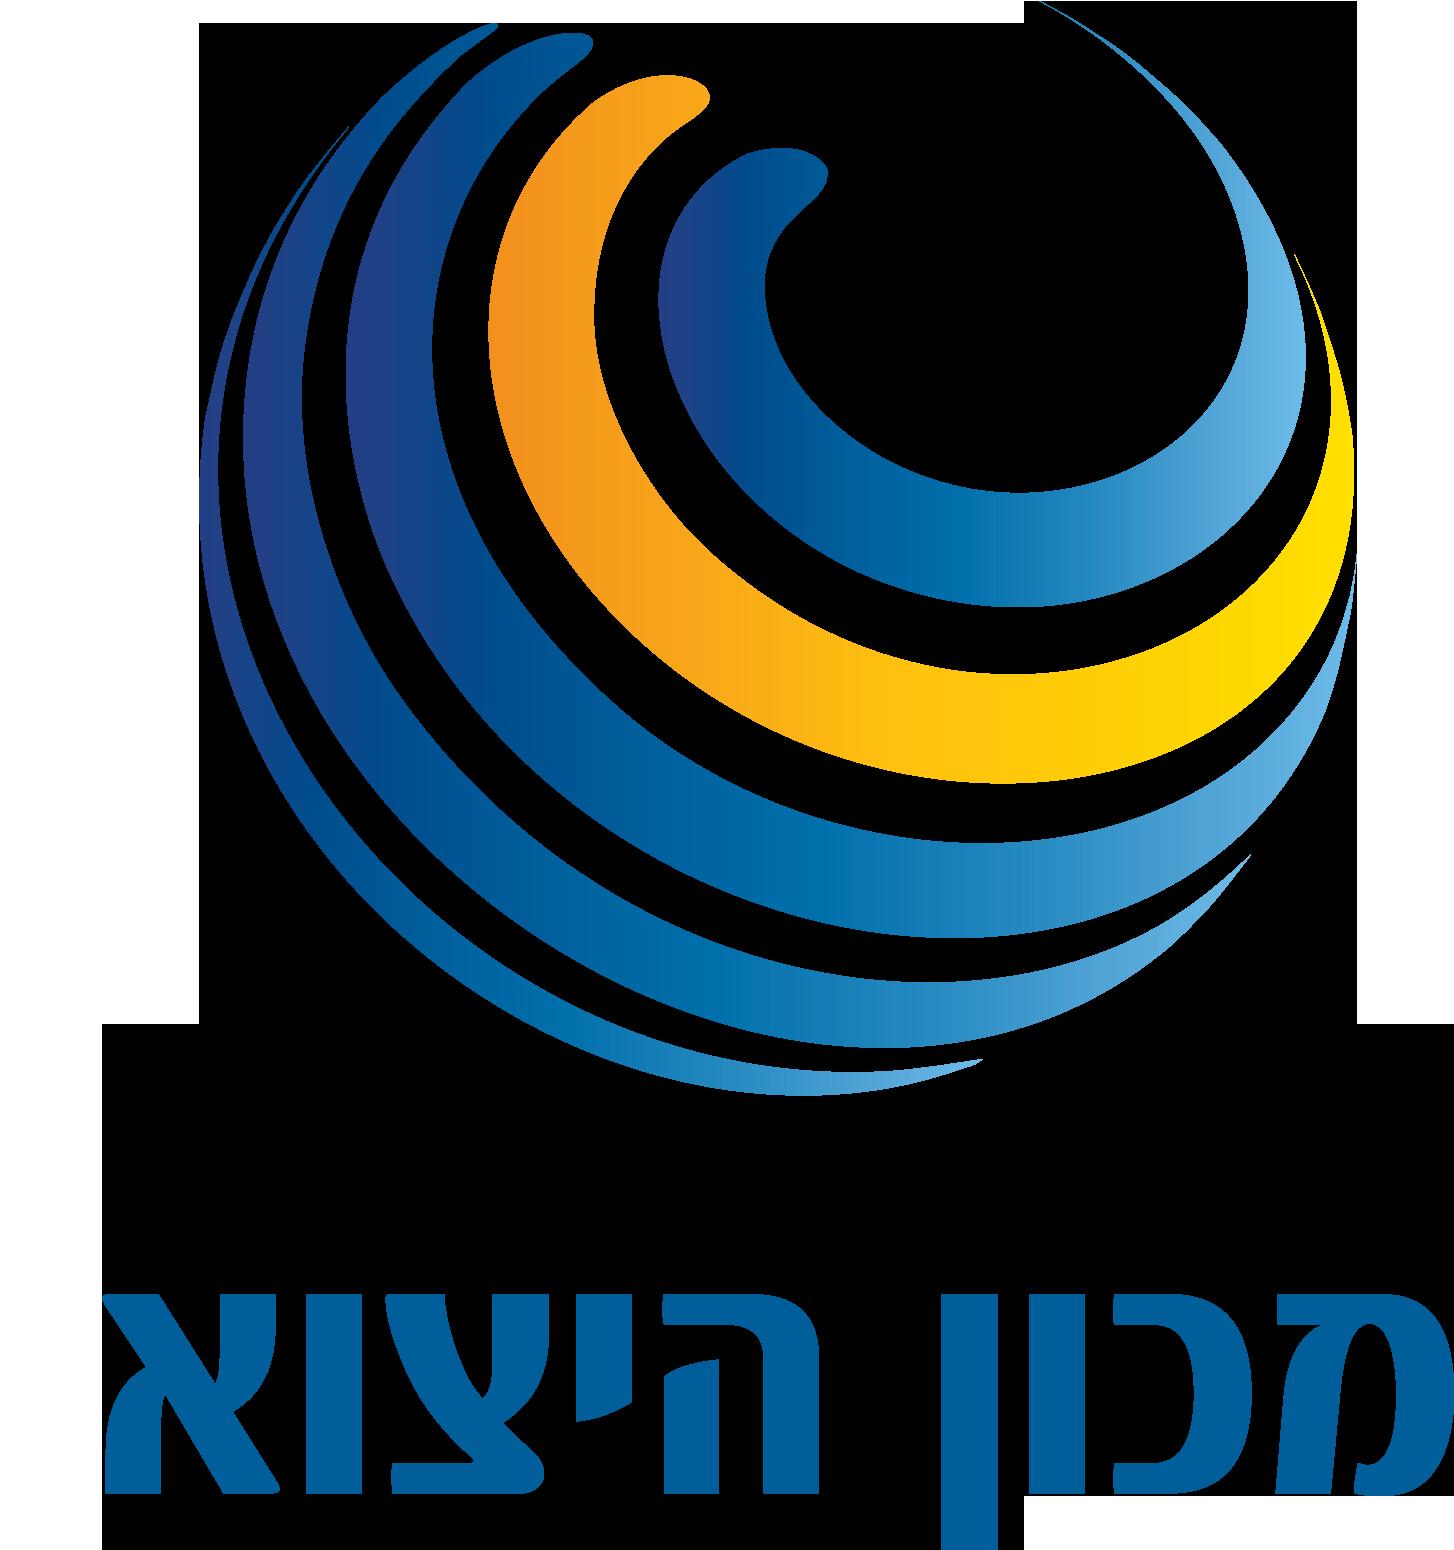 consumerclick - logo